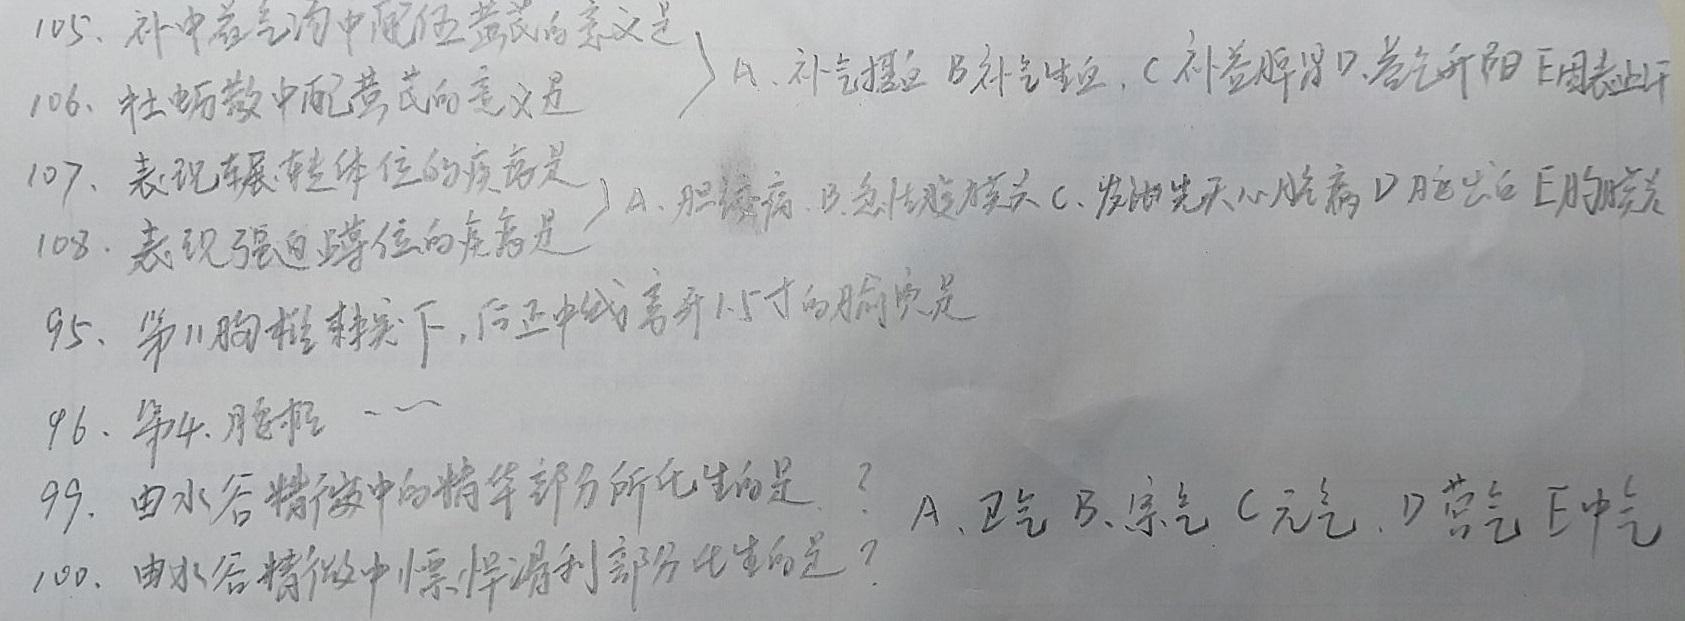 2019年中西医助理医师考试综合笔试真题(网友版1)